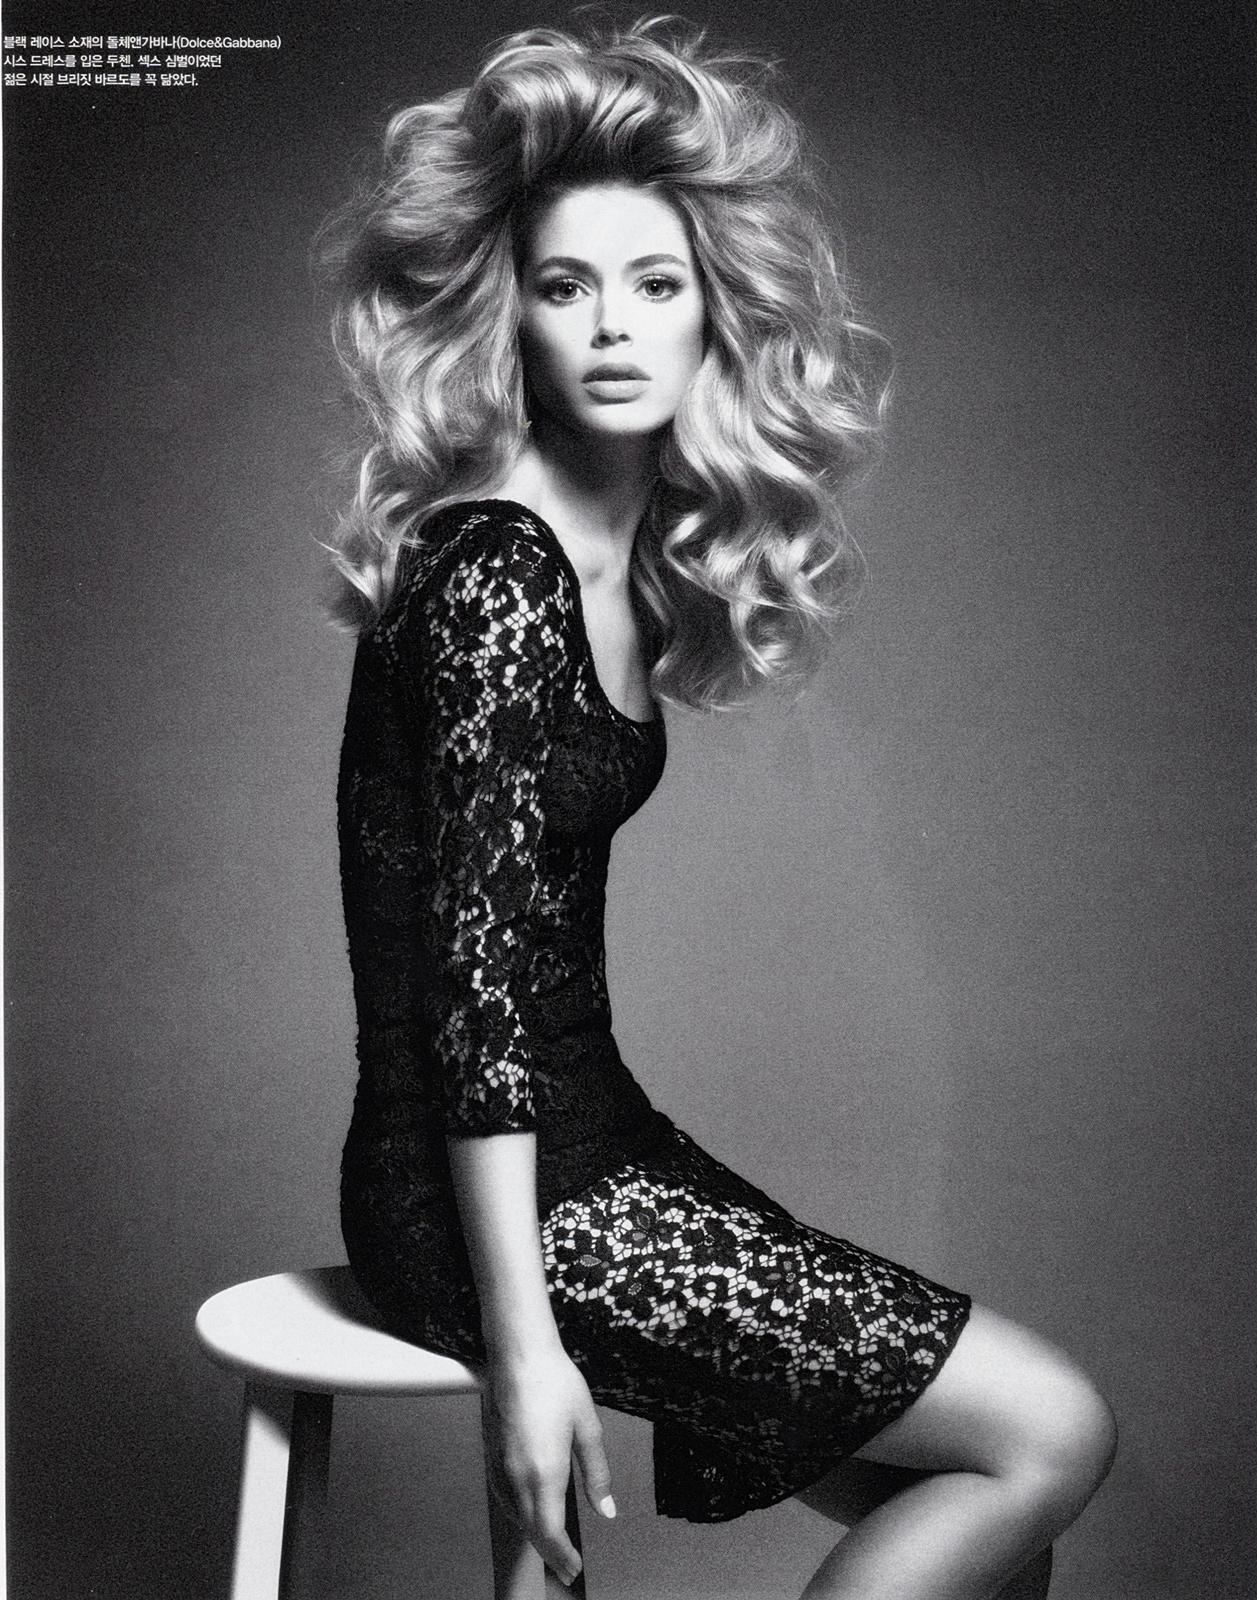 b98c0cc5f944a Revista  Vogue Coréia Edição  Março 2013. Editorial  Powerful Faces Modelos   Kati Nescher